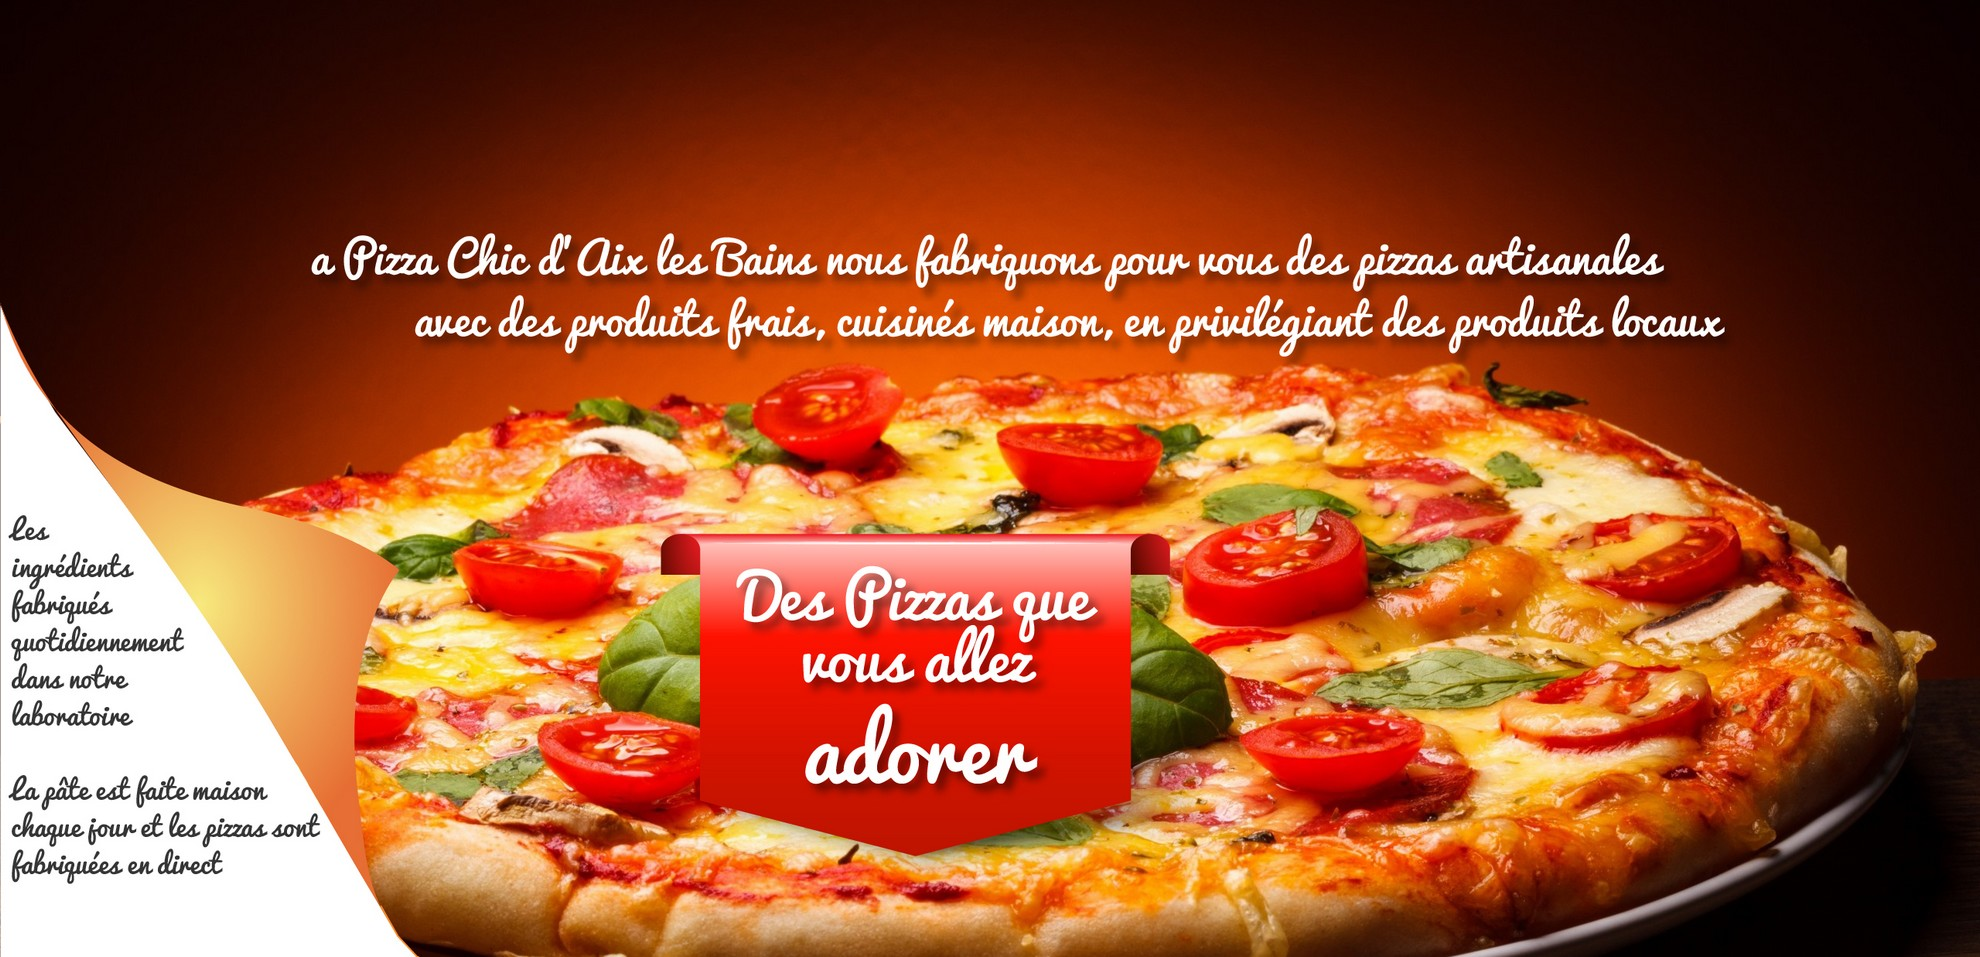 Pizza Chic à Aix les bains